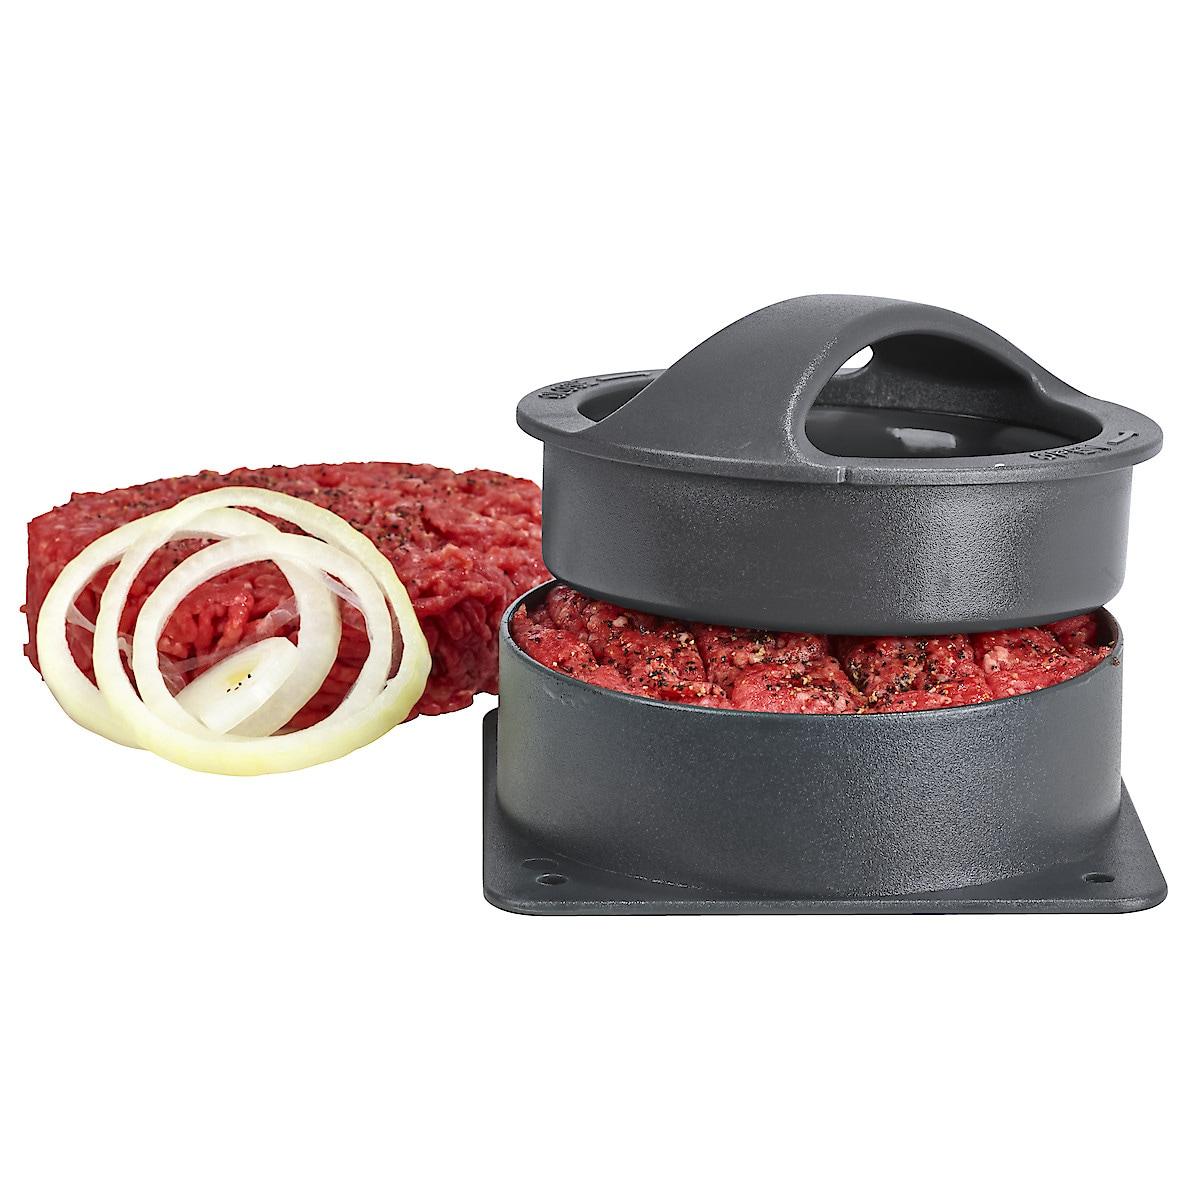 Coline hamburgerpresse for fylling